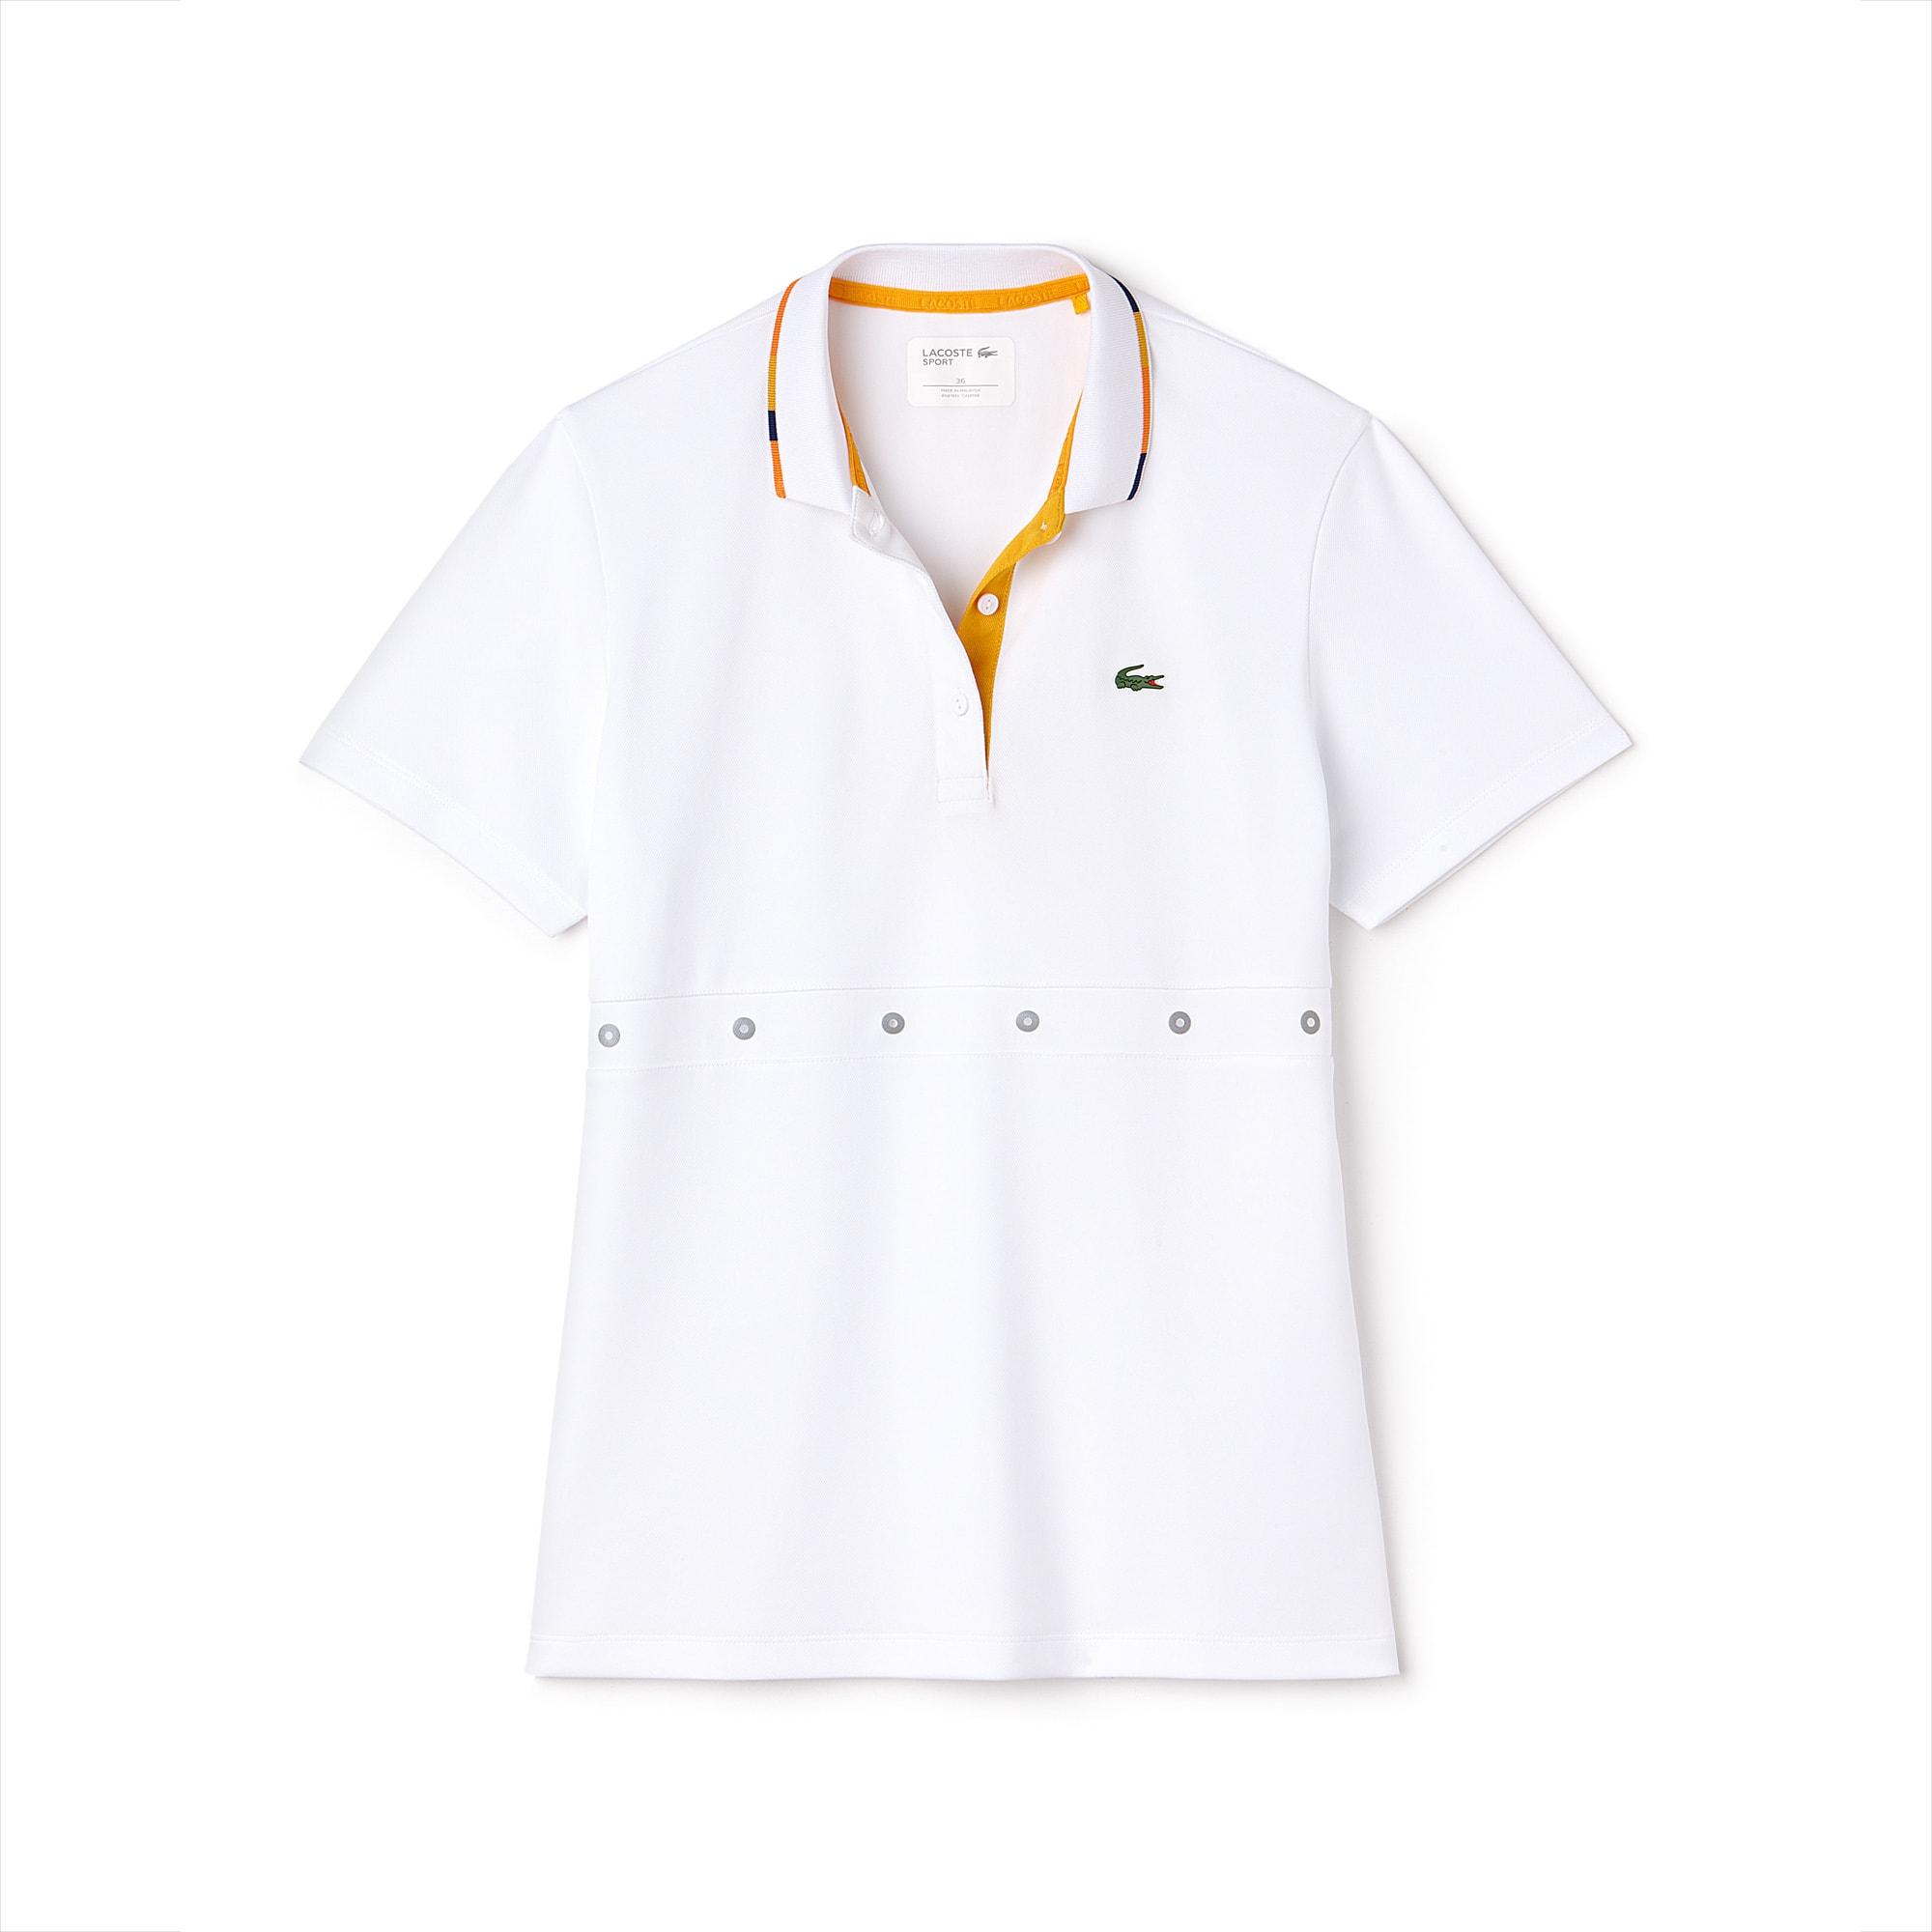 قميص بولو نسائي للتنس من لاكوست سبورت بياقة متباينة الألوان وبخامة تيك بيكيه